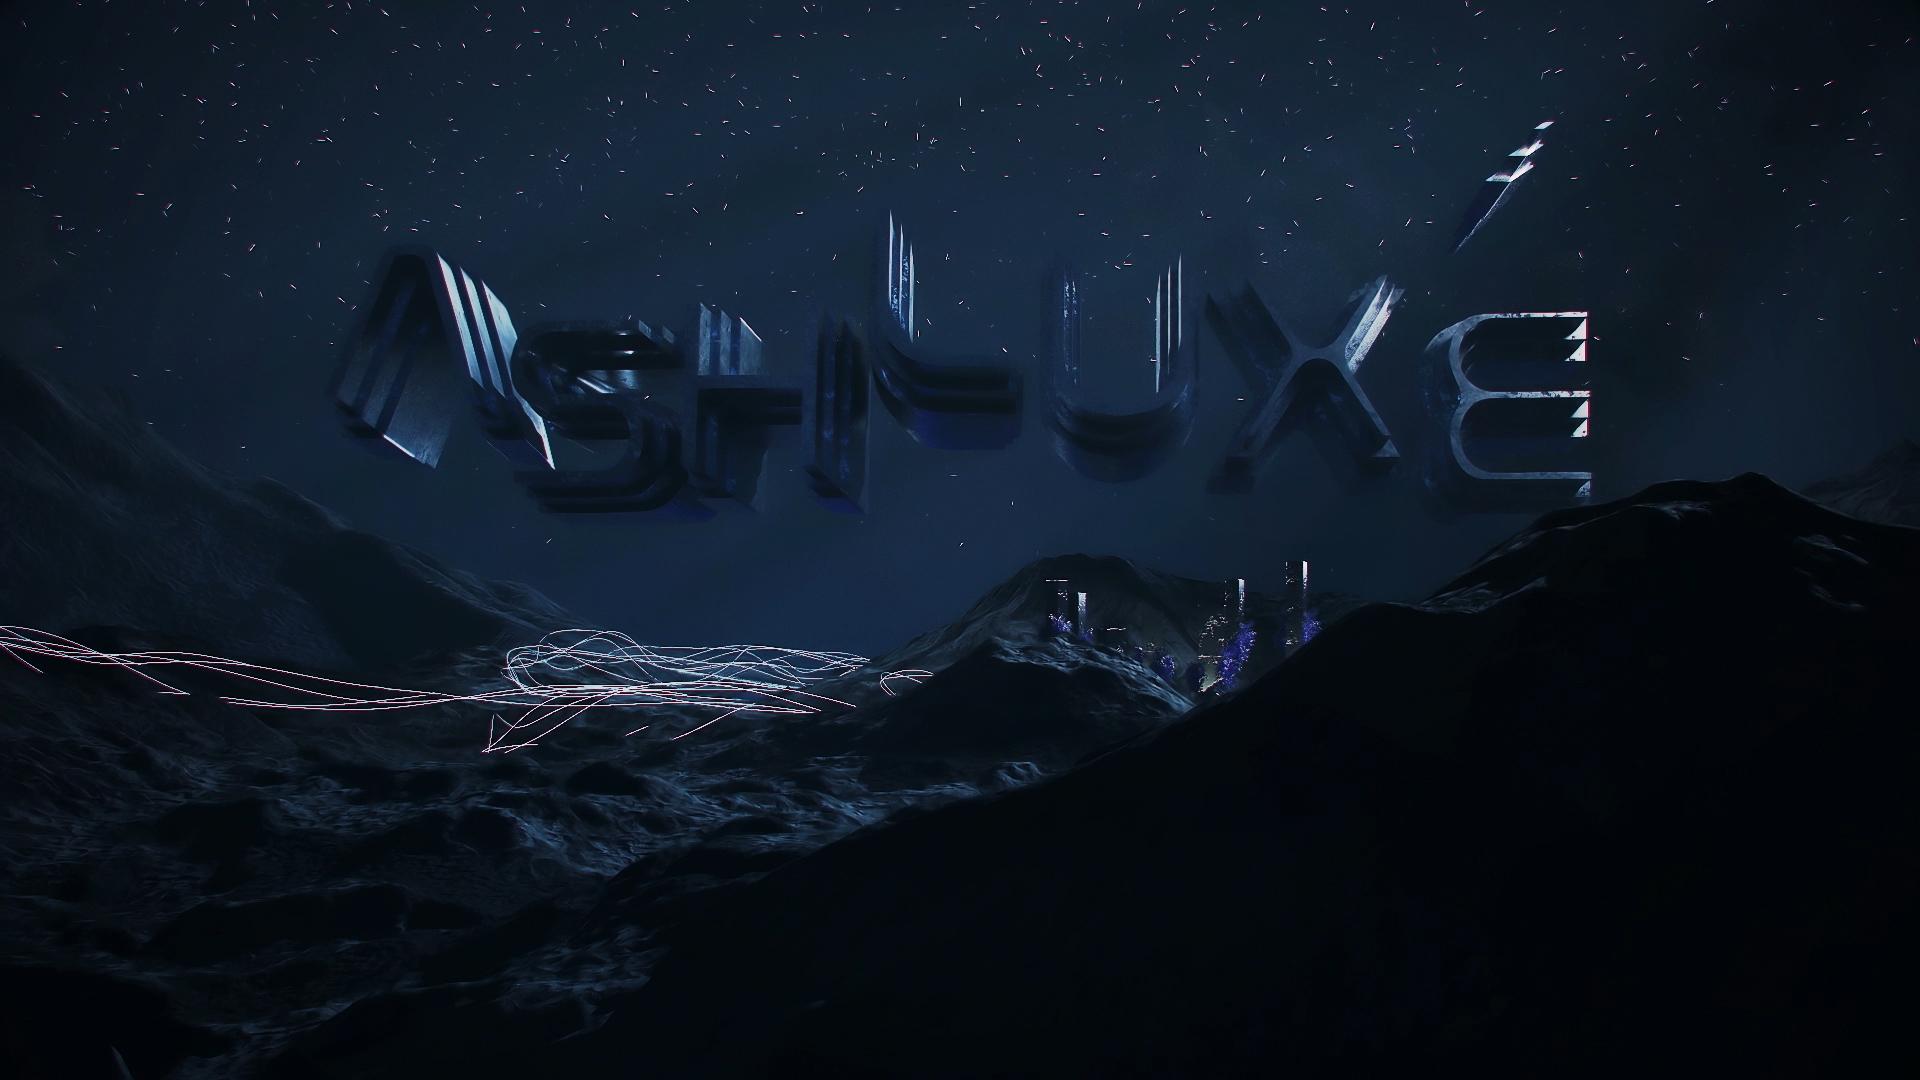 Ashluxe_2020_Logo_VFX_BlackBelt